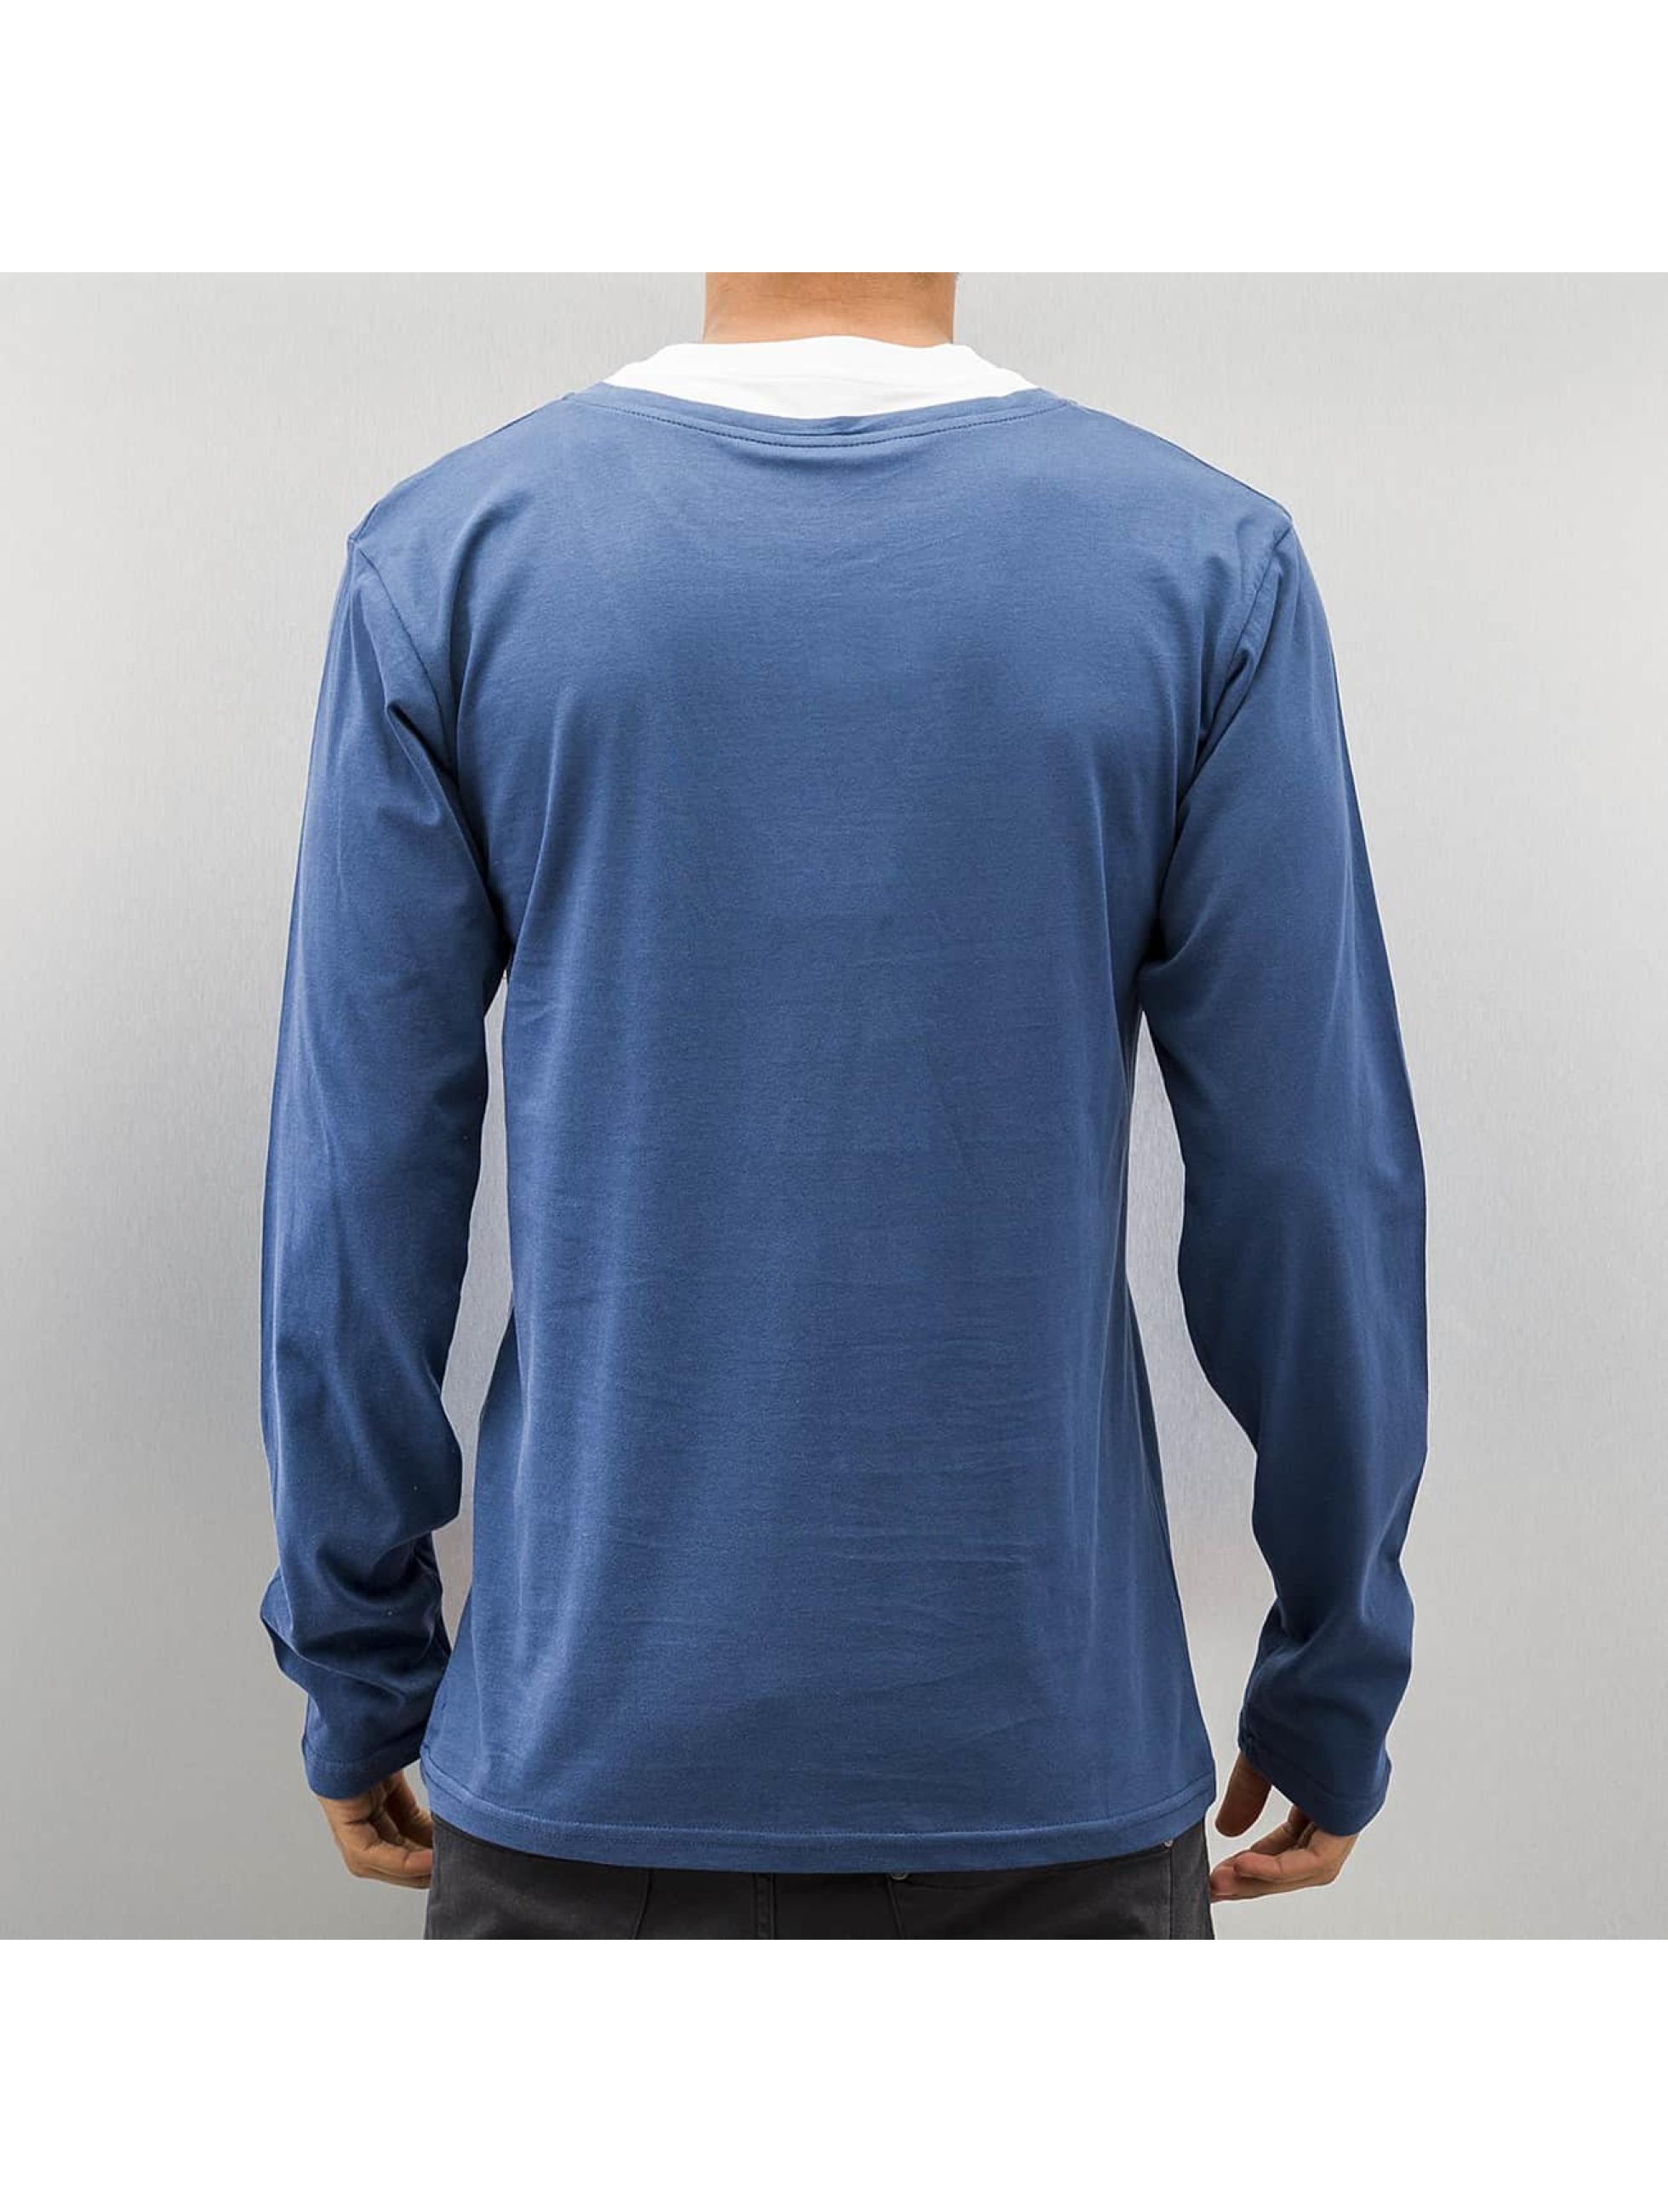 Cazzy Clang Водолазка Breast Pocket синий